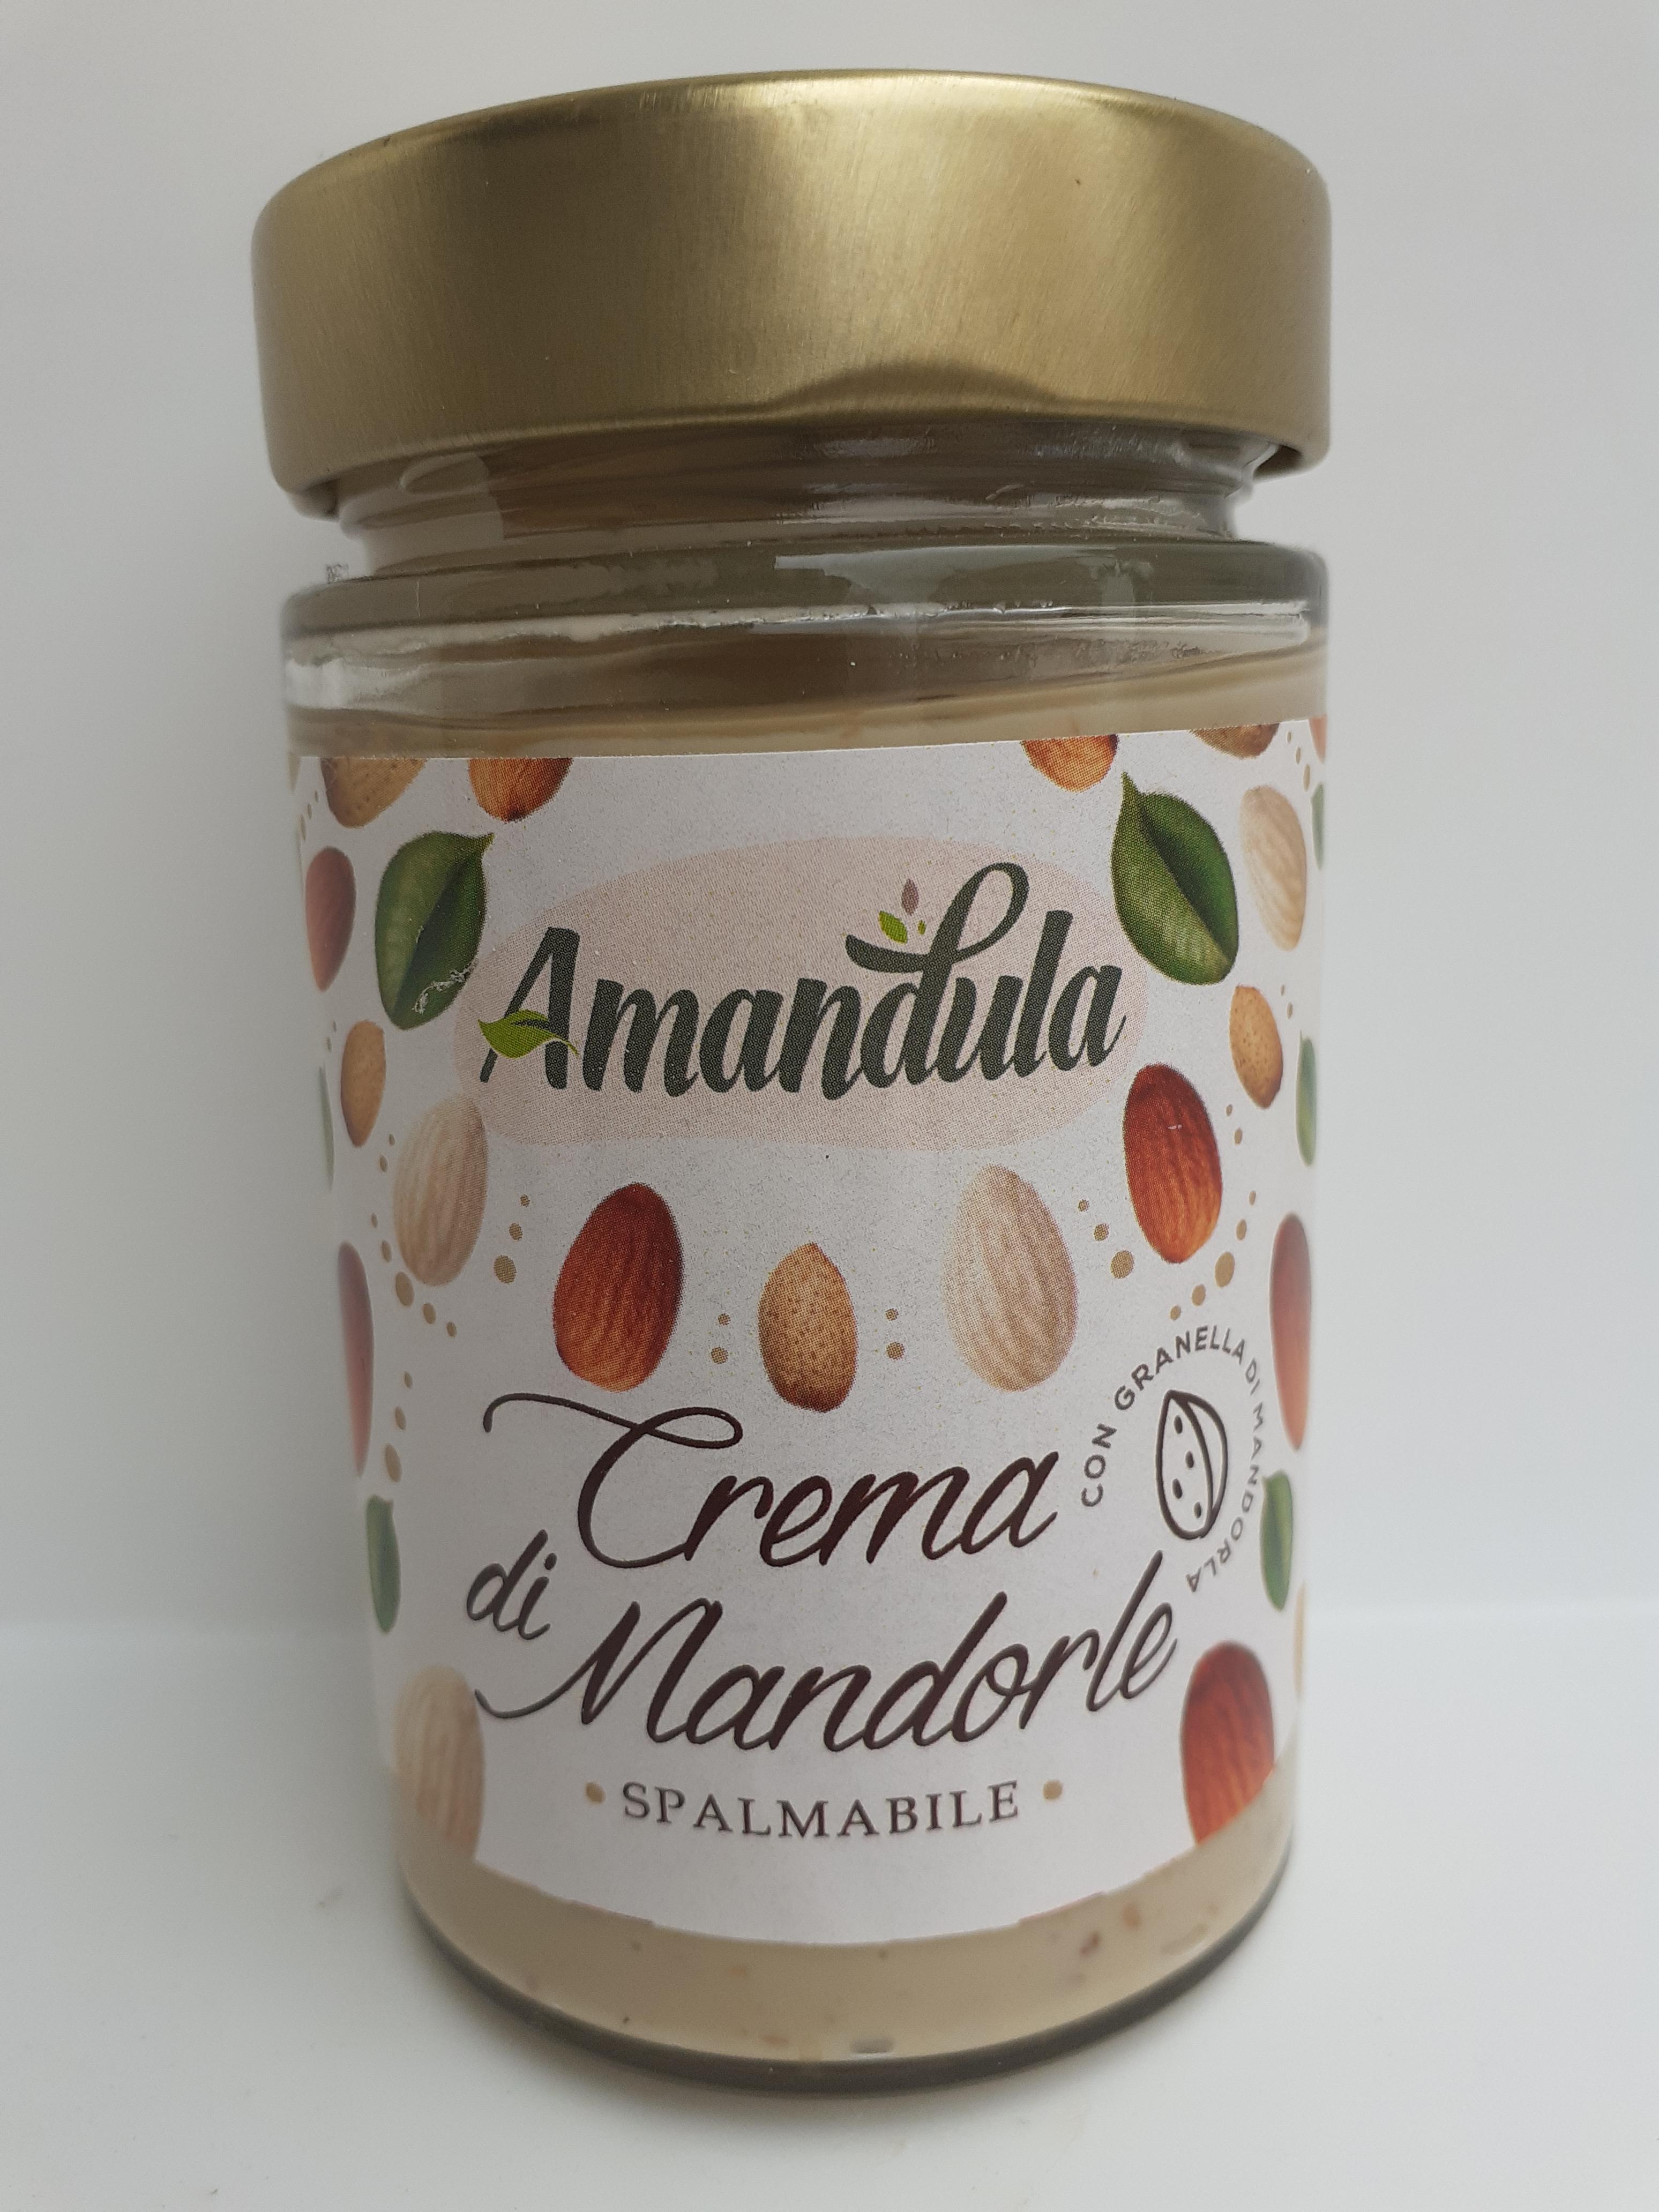 Crema di Mandorle  Spalmabile 200 gr Ditta  Caracciolo di Brancaleone (RC)